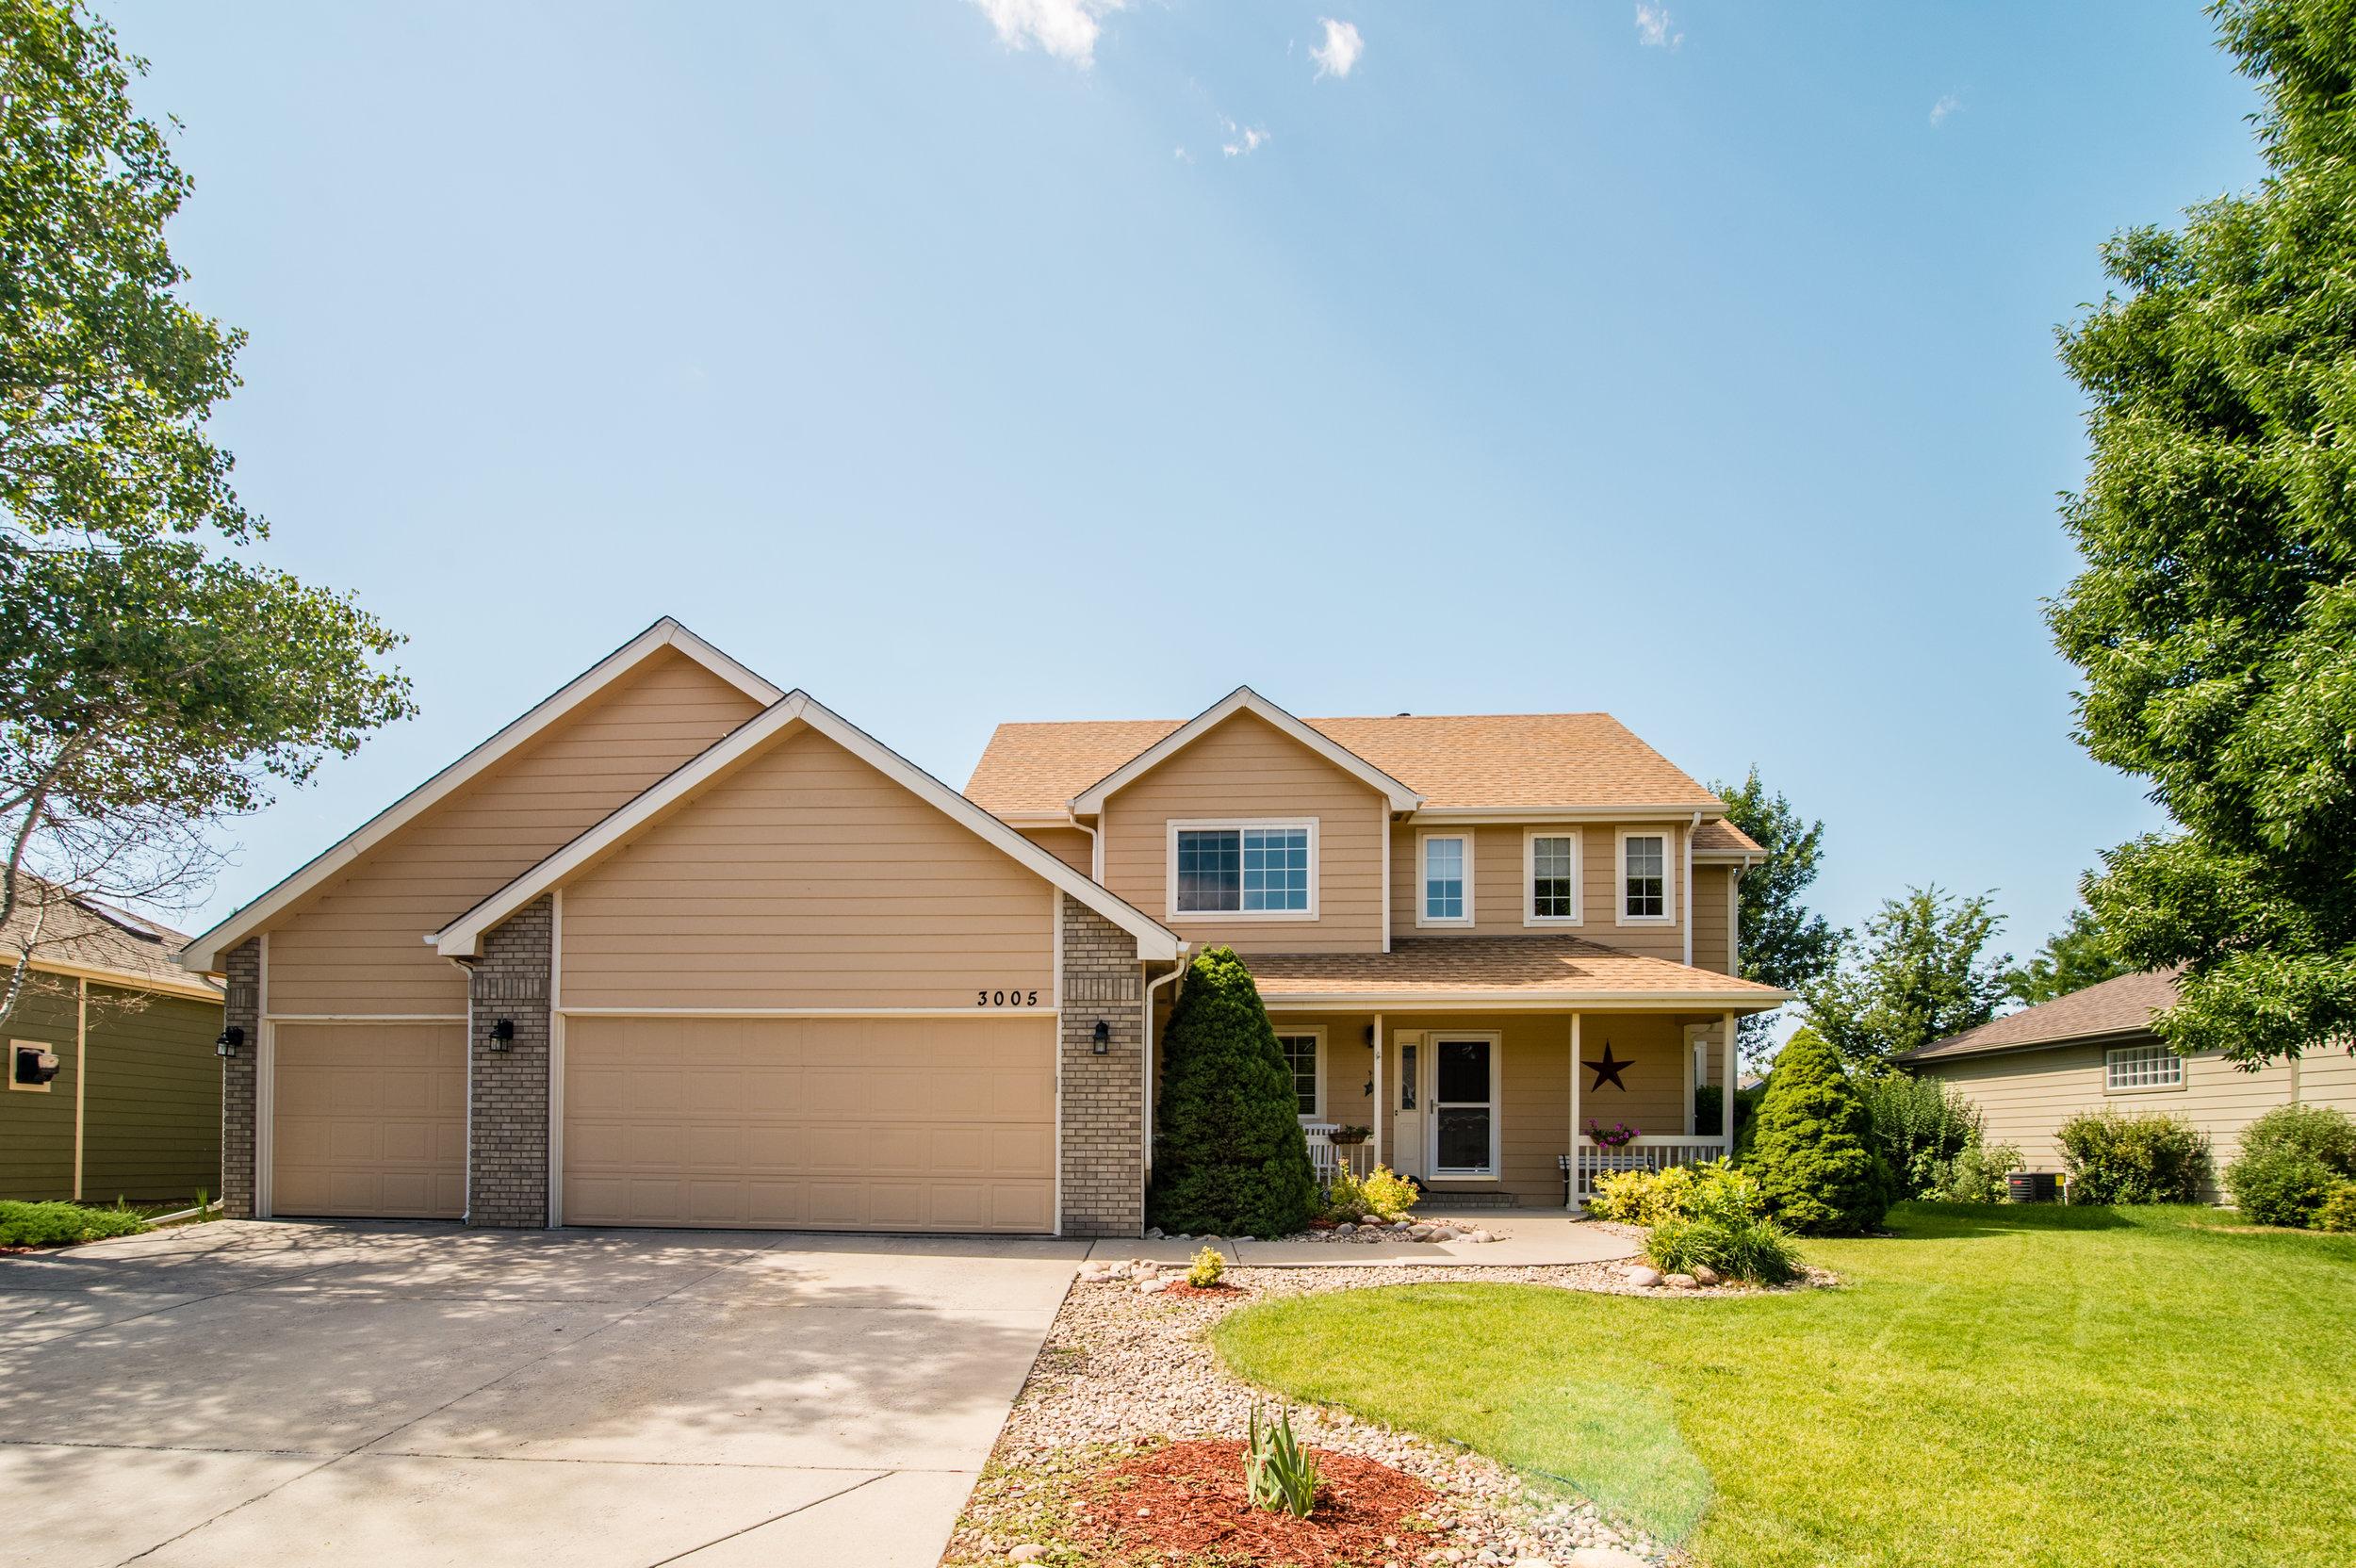 Hops & Homes Listing - 3005 Indigo Cir 4